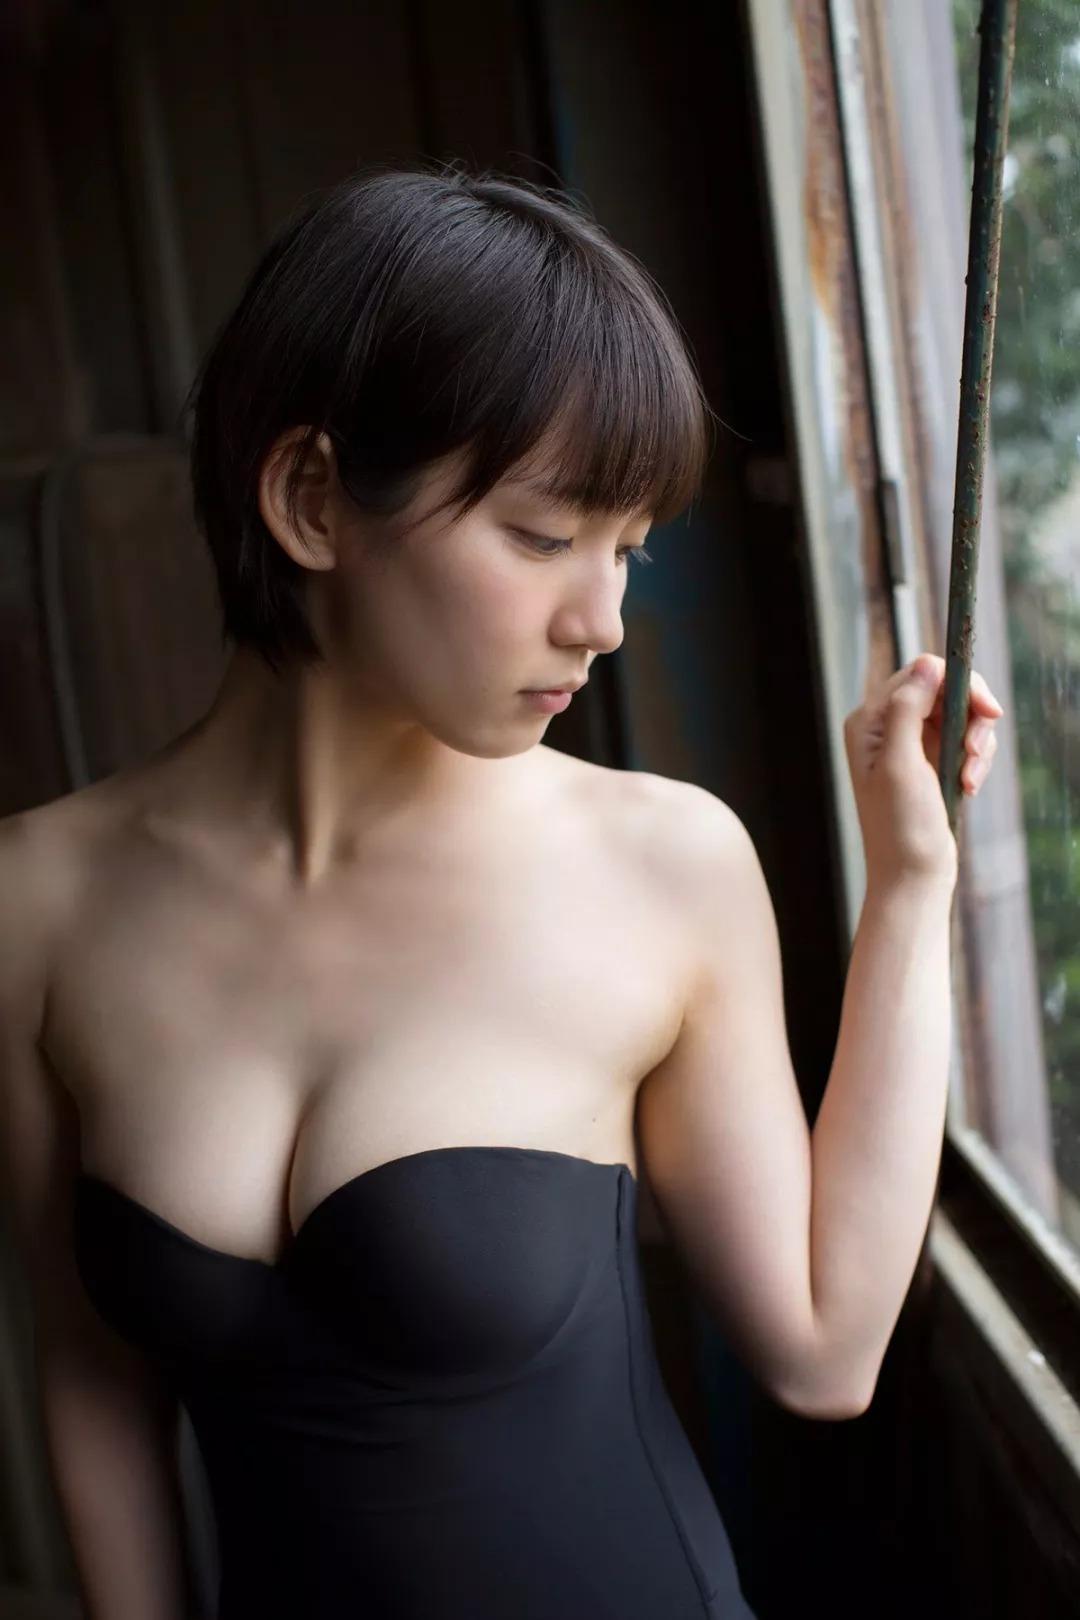 治愈系魔性之女吉冈里帆写真作品 (79)